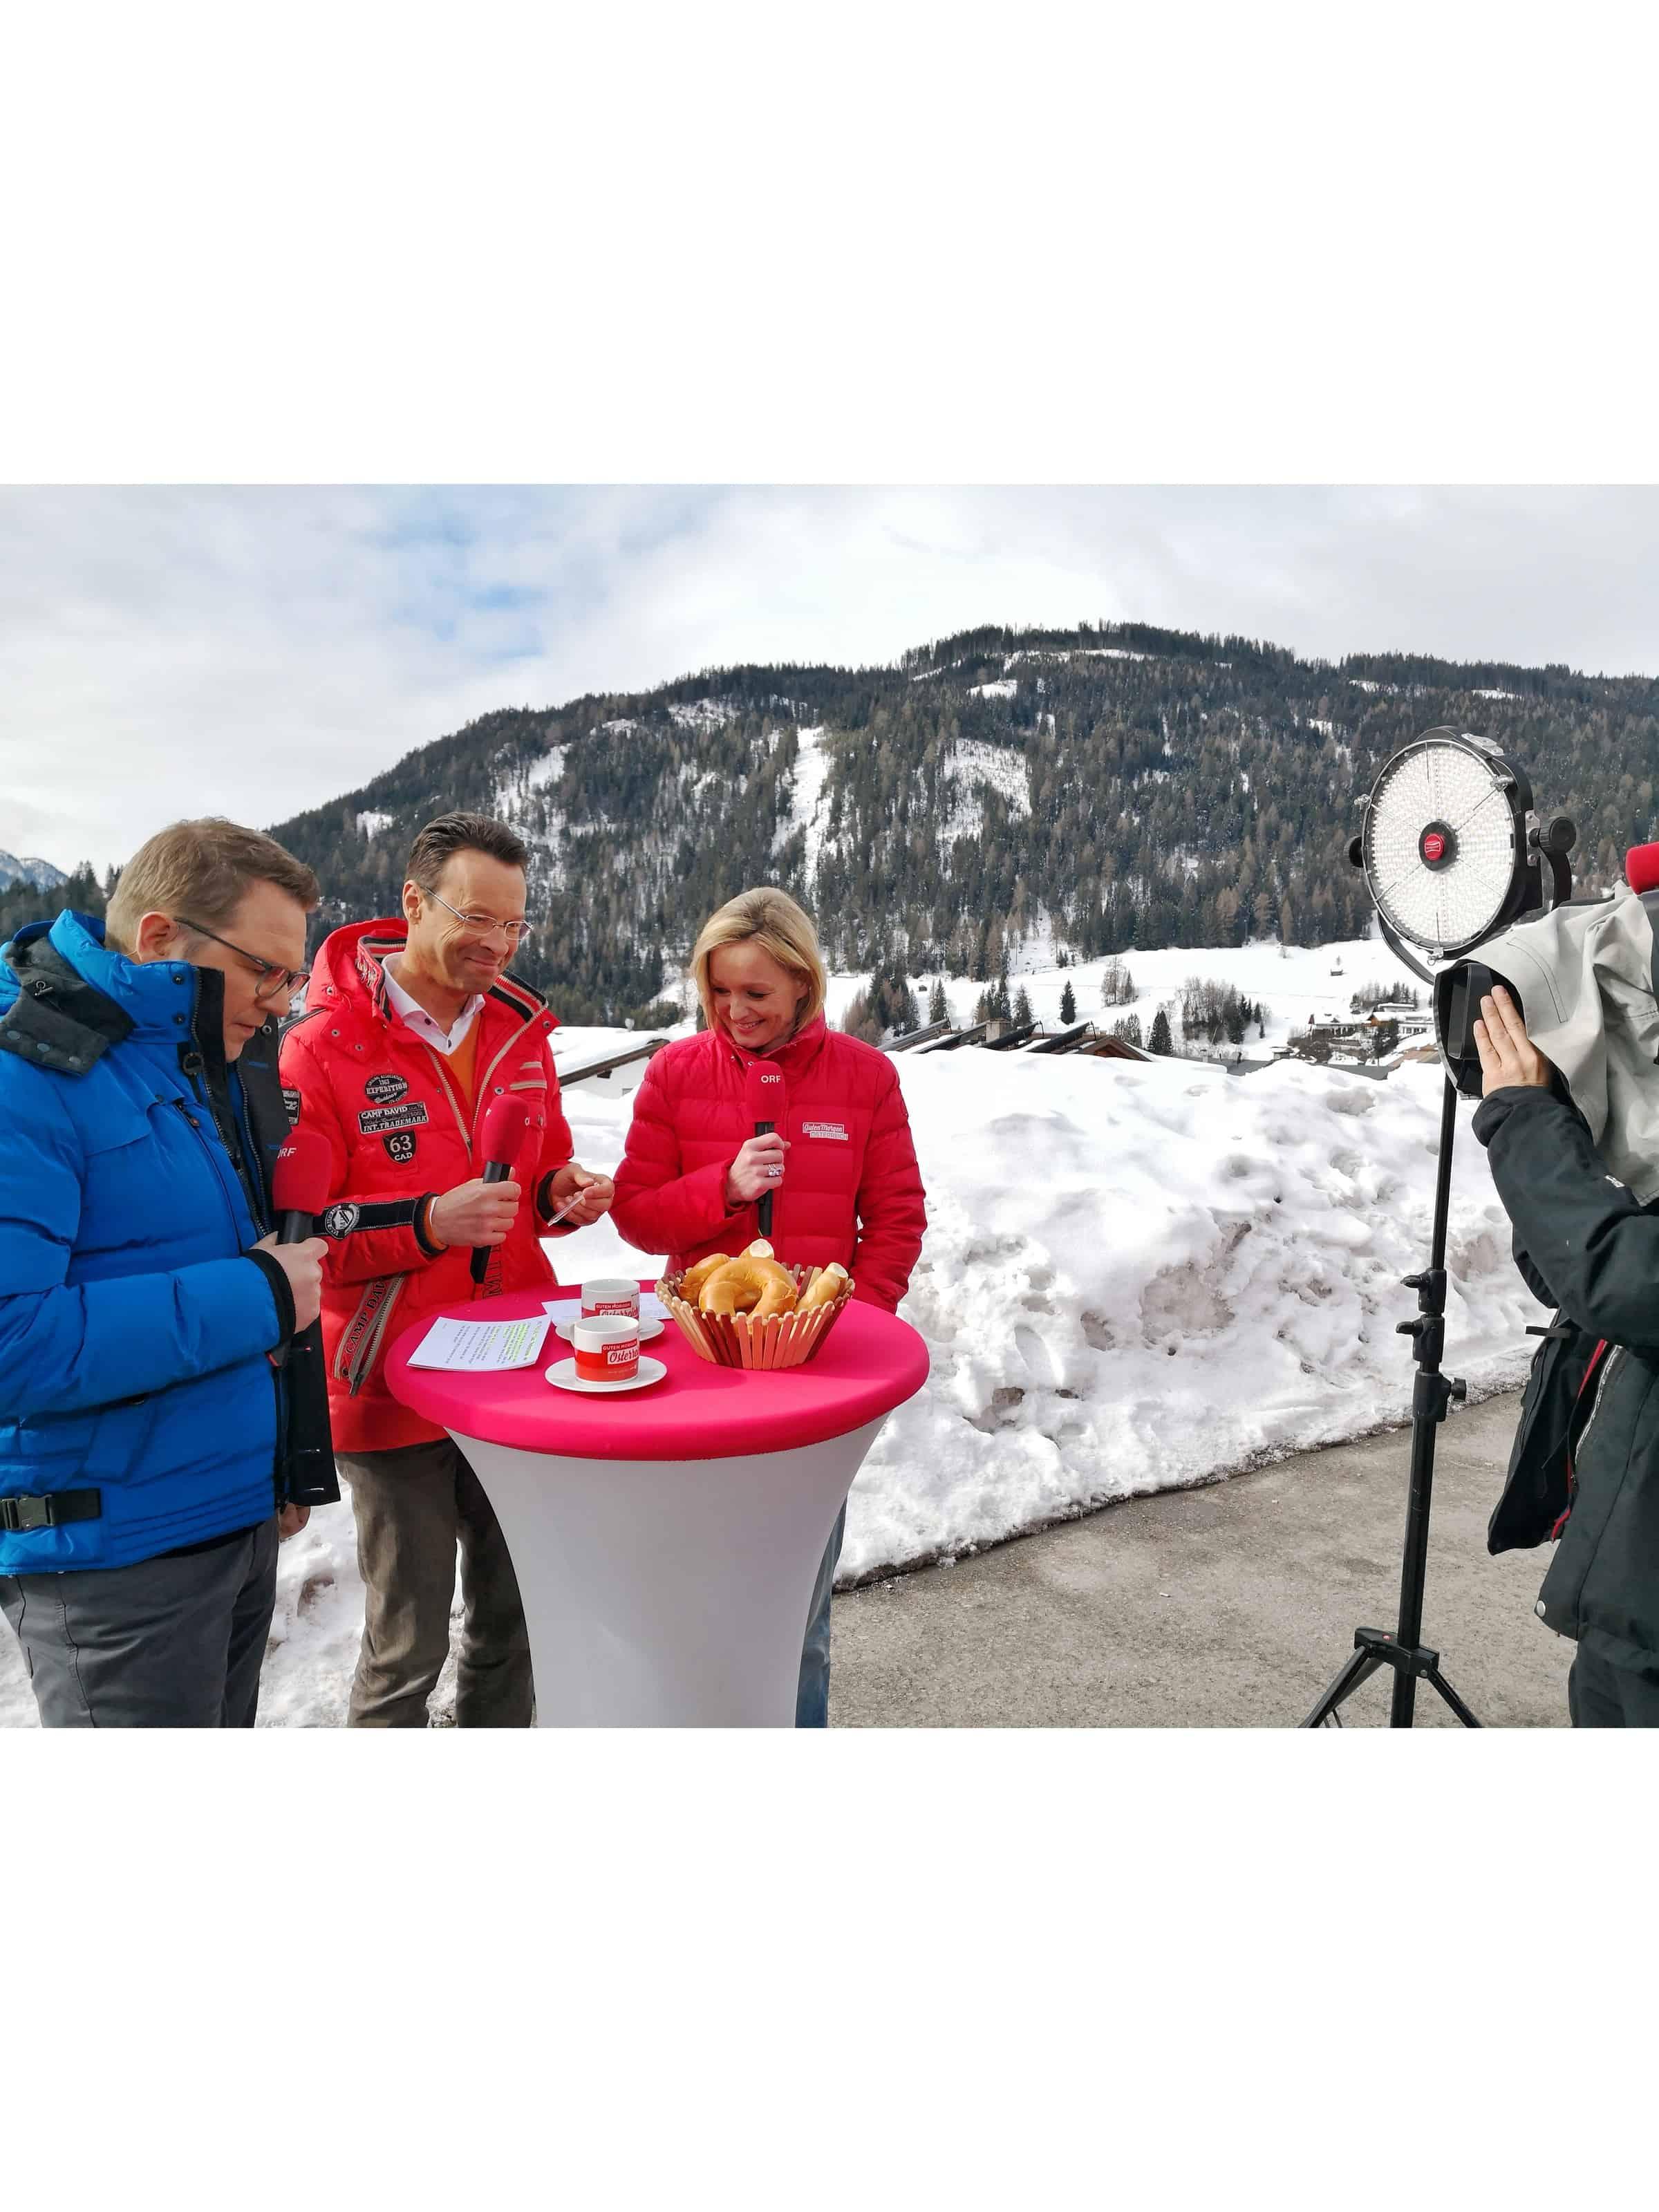 andreas felder kameramann ORF Guten Morgen Österreich ORF Daheim in Österreich 10 23.03.2018 09 21 28 - ORF Unterwegs in Österreich